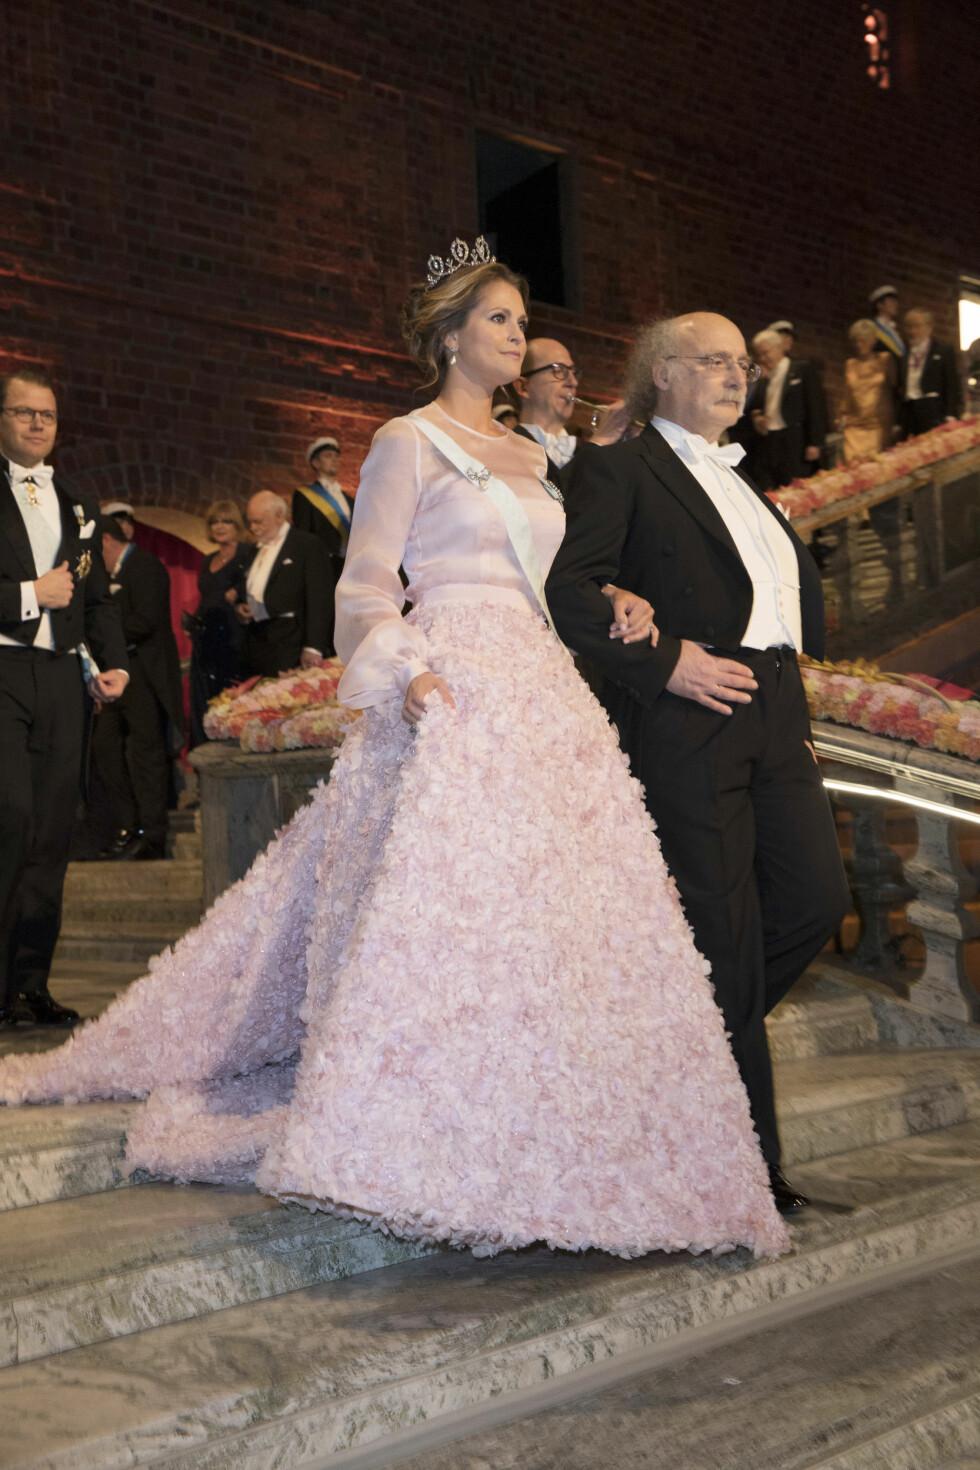 VAKKER: Prinsesse Madeleine i en rosa kjole fra den svenske designeren Fadi el Khoury. Her arm i arm med Duncan Haldane, som fikk nobelprisen i fysikk for 2016. Foto: NTB Scanpix